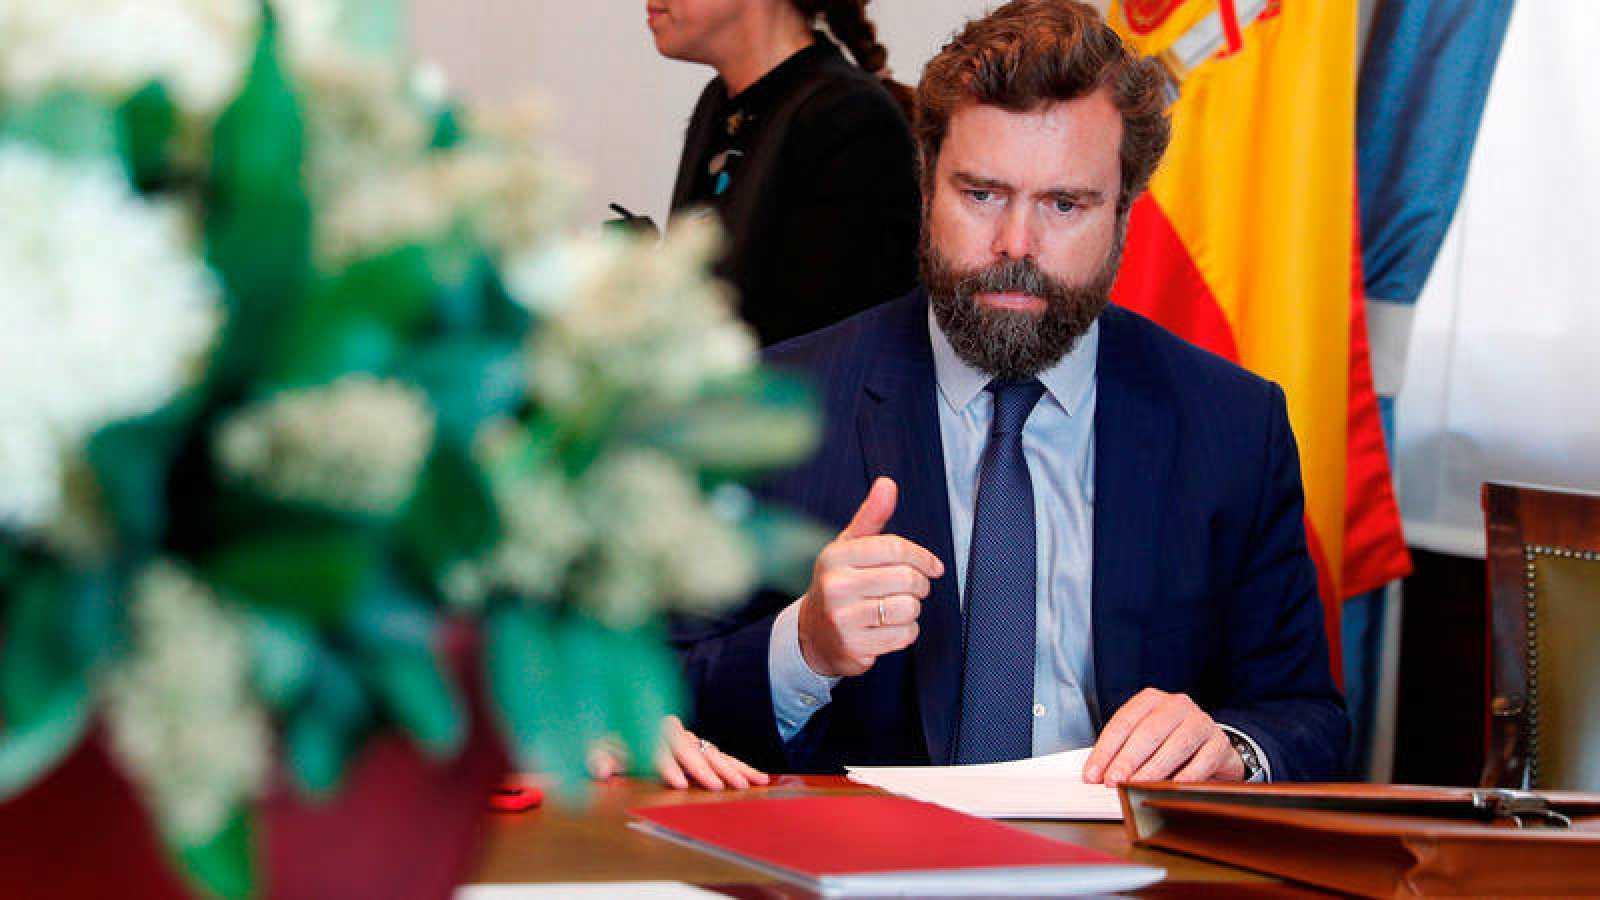 El jefedecampañadeVox para las elecciones municipales, autonómicas y europeas, IvánEspinosadelosMonteros